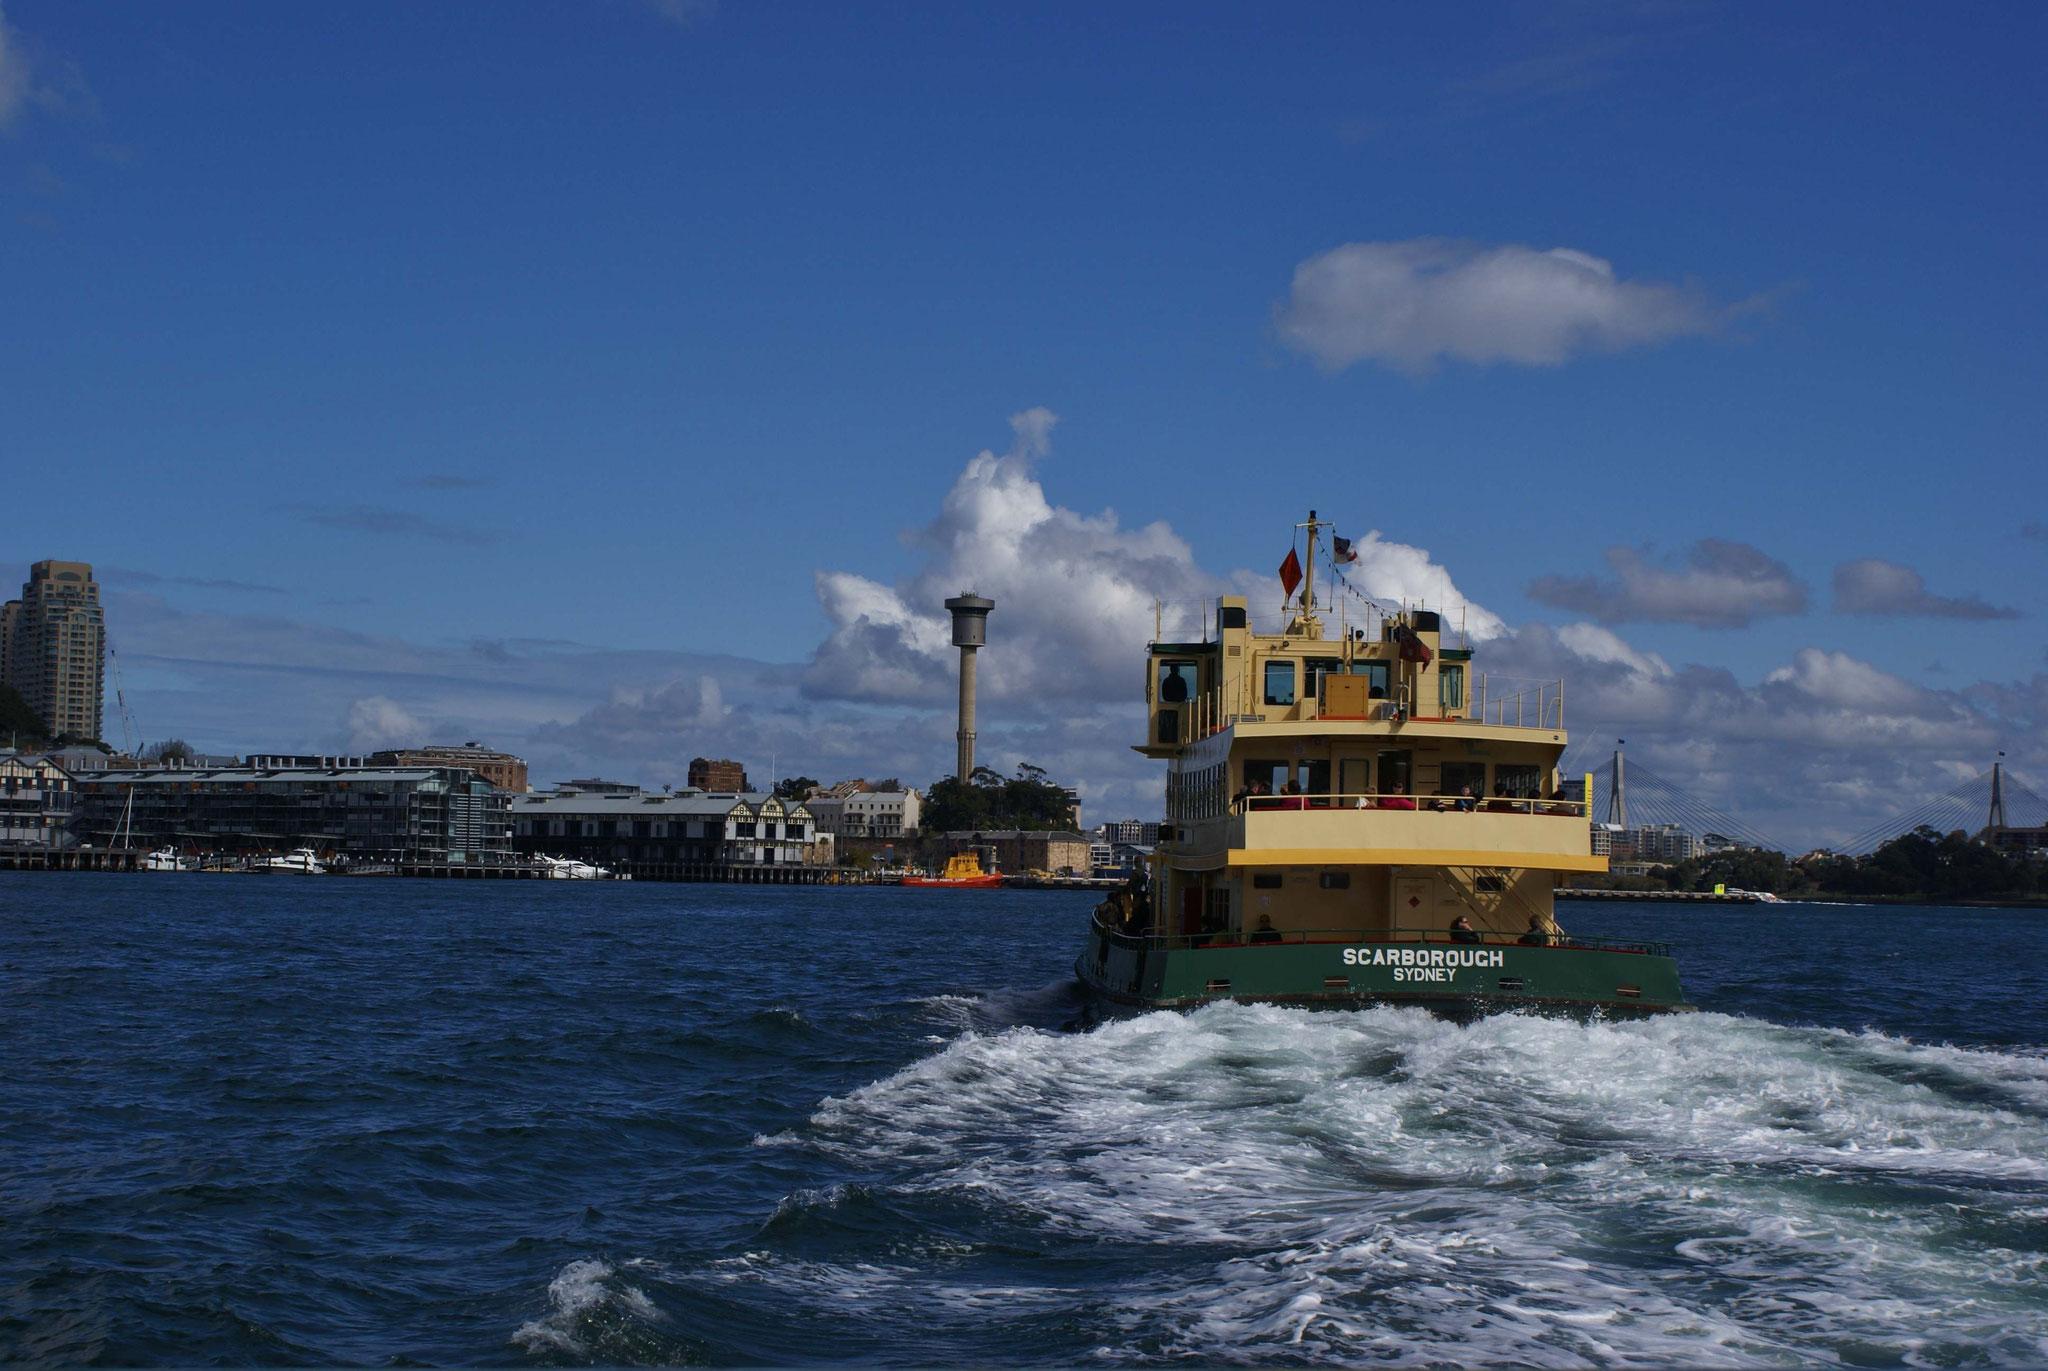 Bootsfahrten sollte man unbedingt mit den alten Schiffen machen!